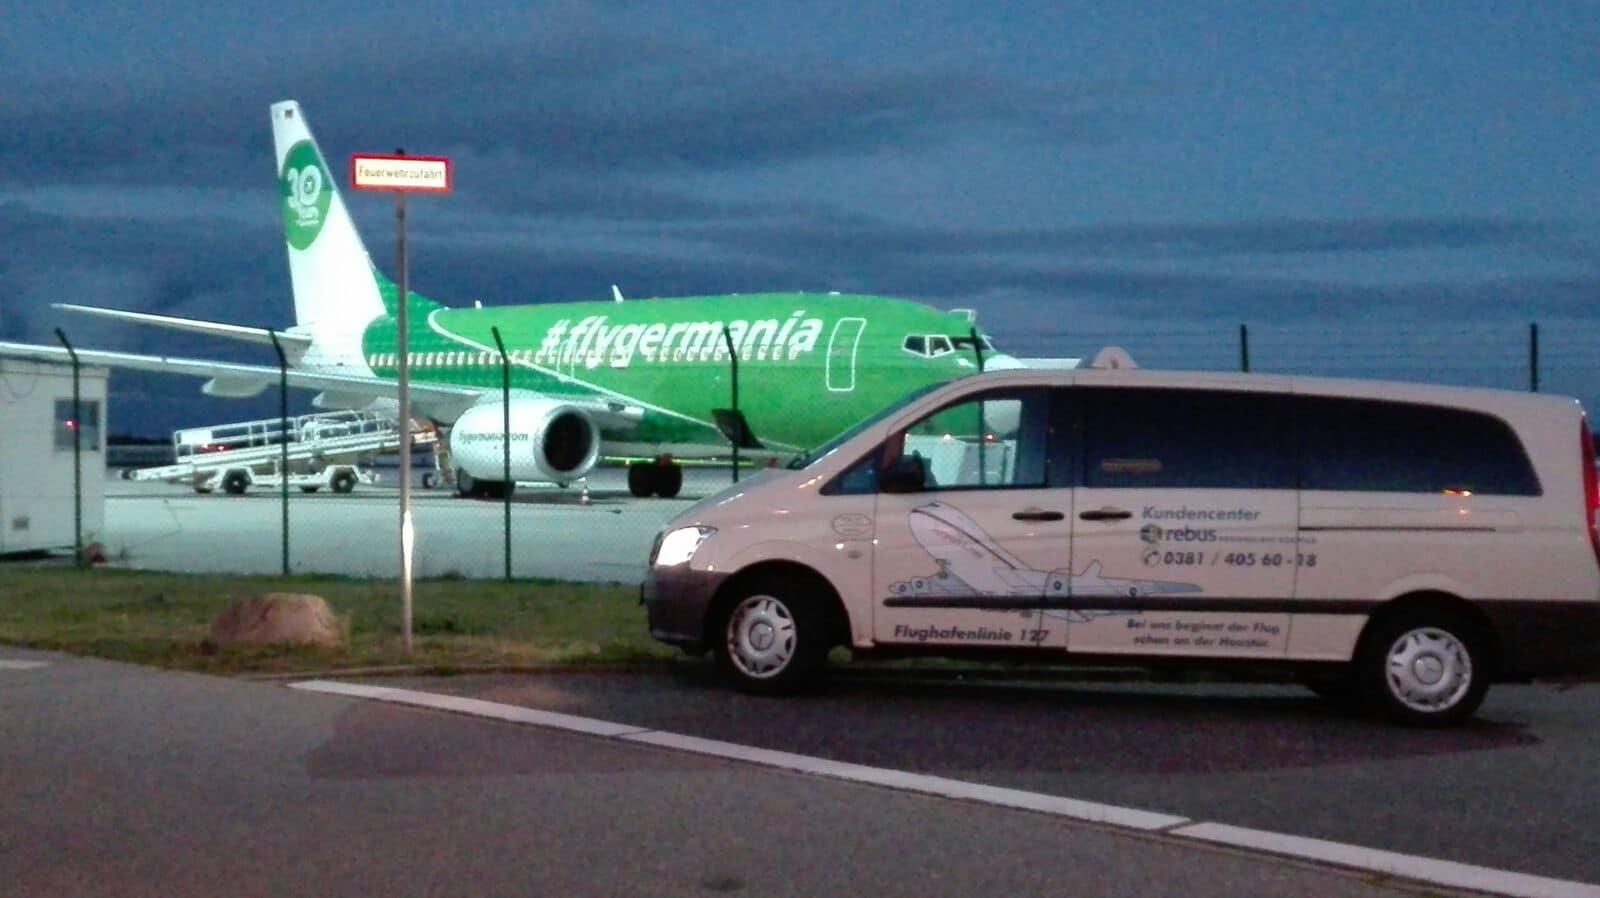 Taxi Rostock Tour zum Flughafen Laage